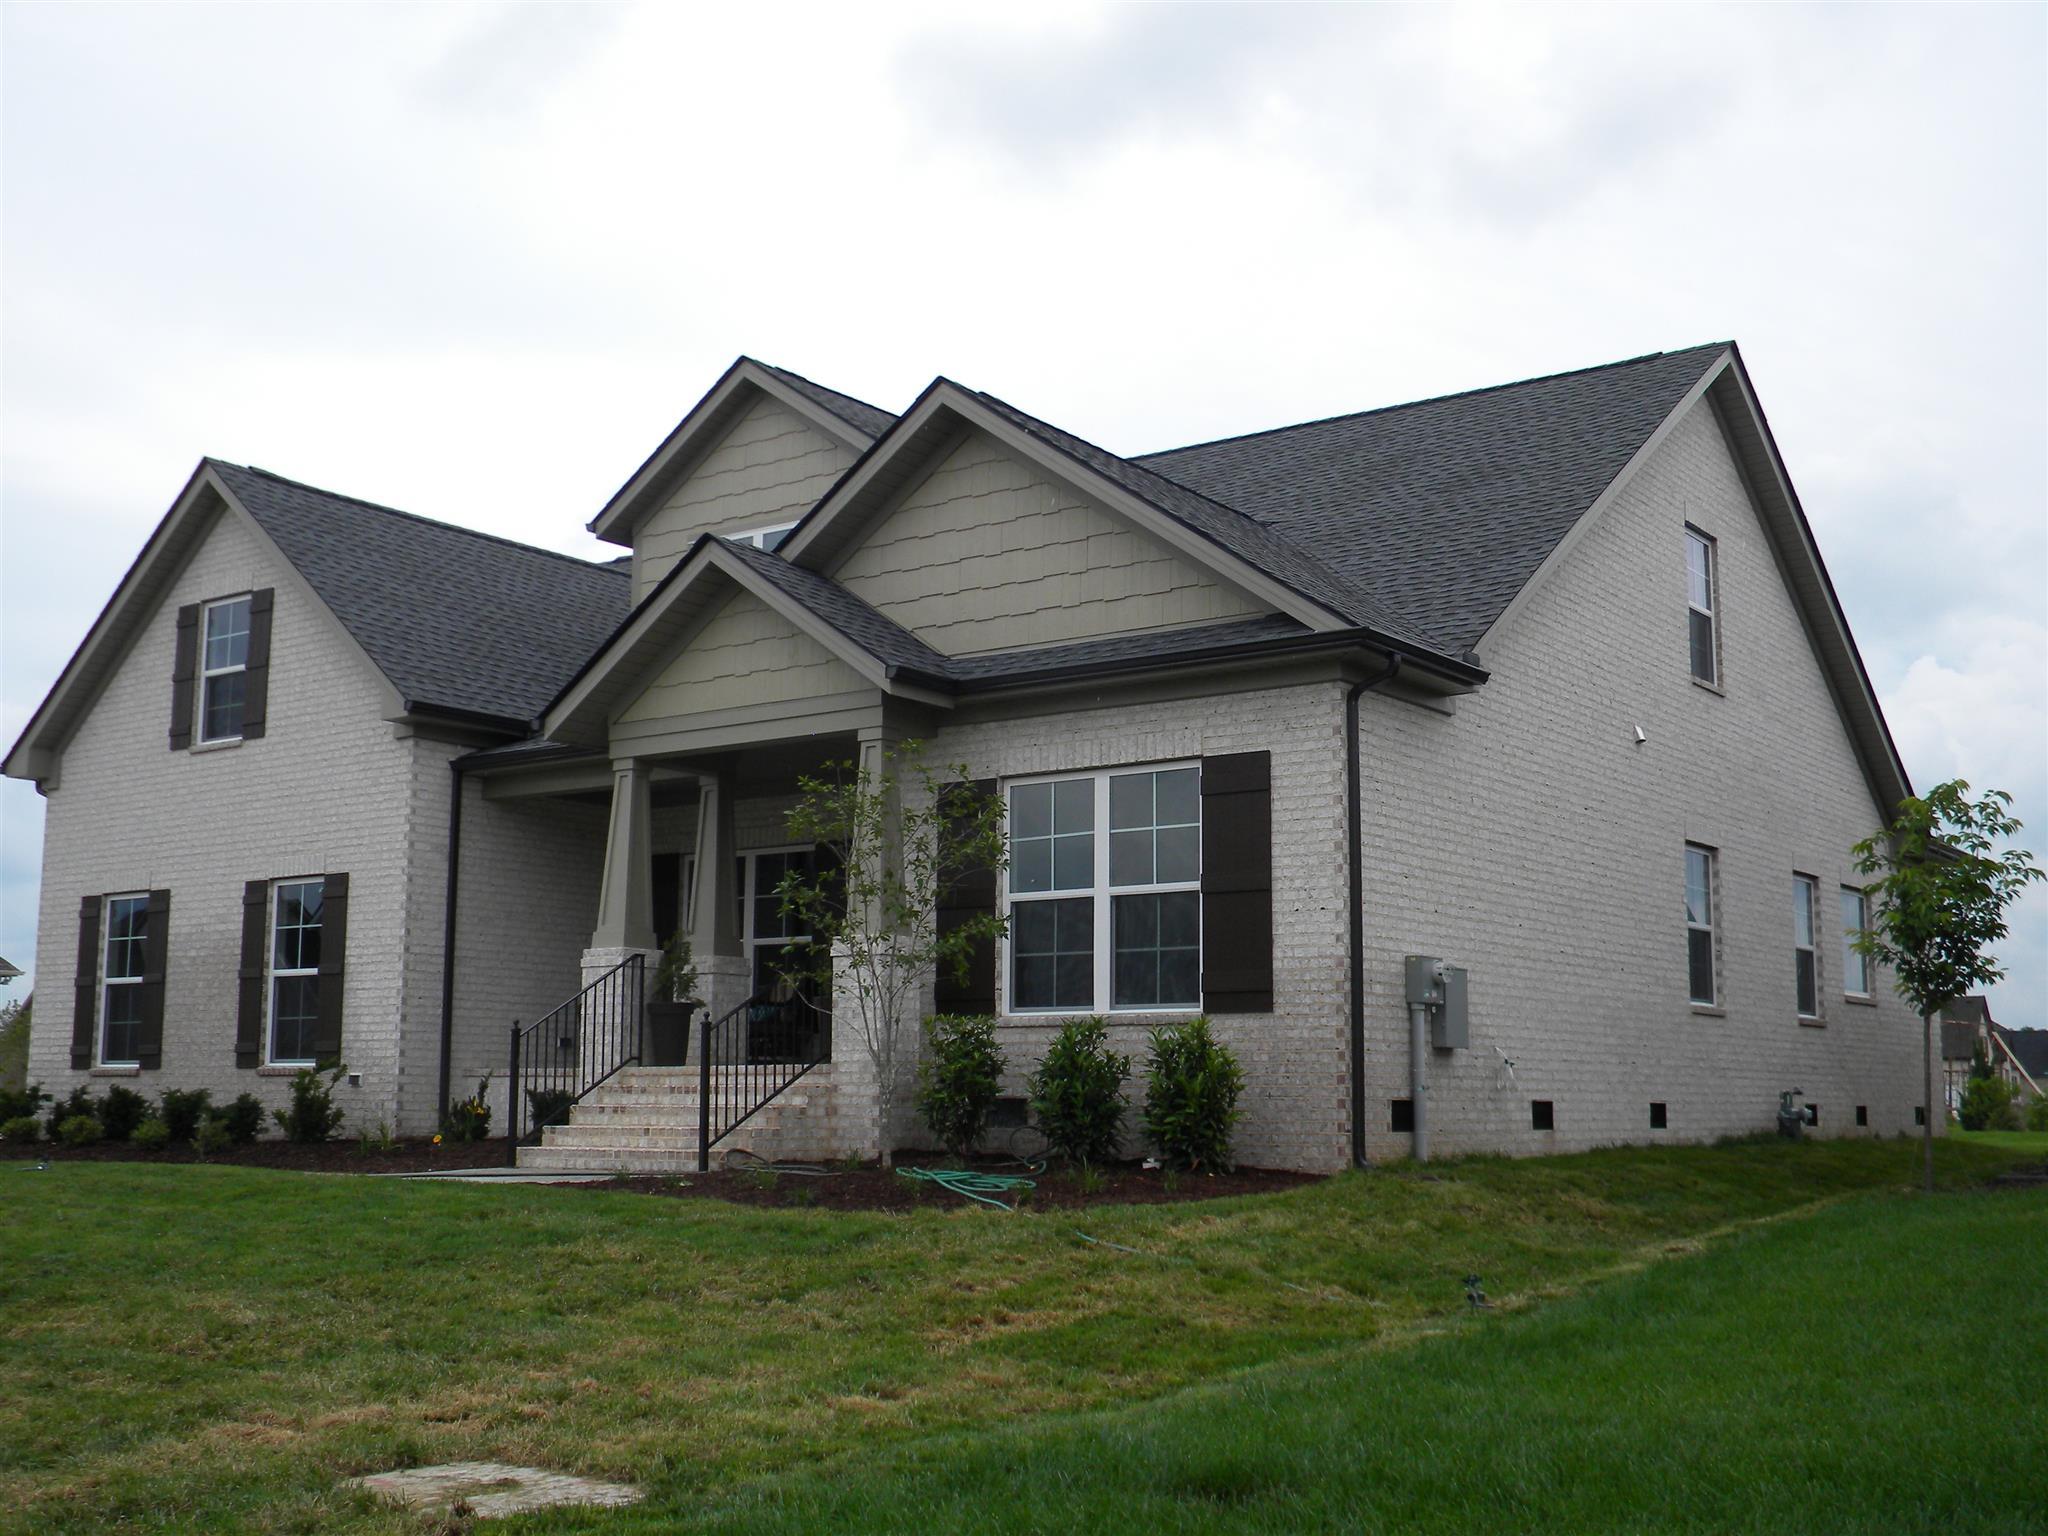 Photo of 3818 Runyan Cove Lot 1  Murfreesboro  TN